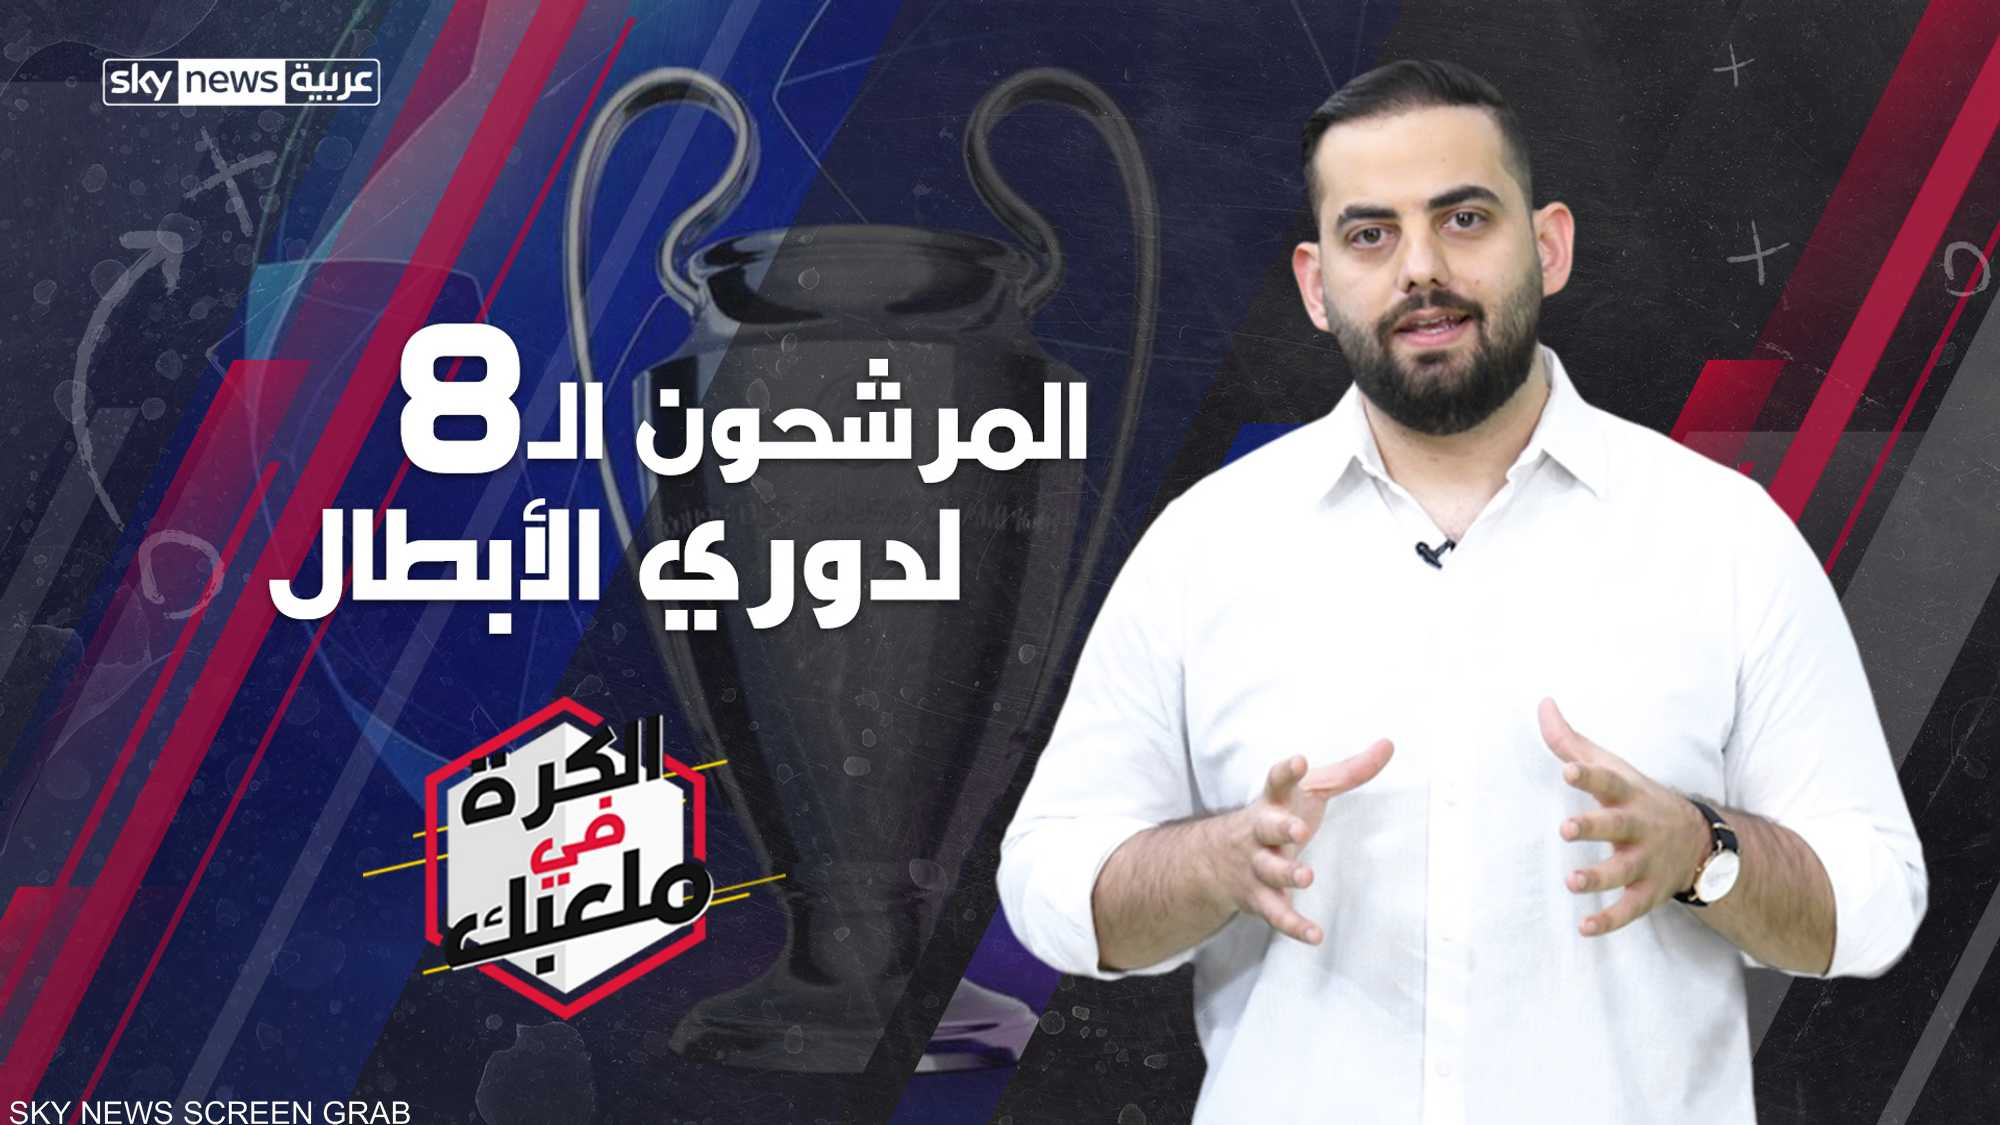 دوري أبطال أوروبا.. المرشحون للفوز باللقب لموسم 2019-2020